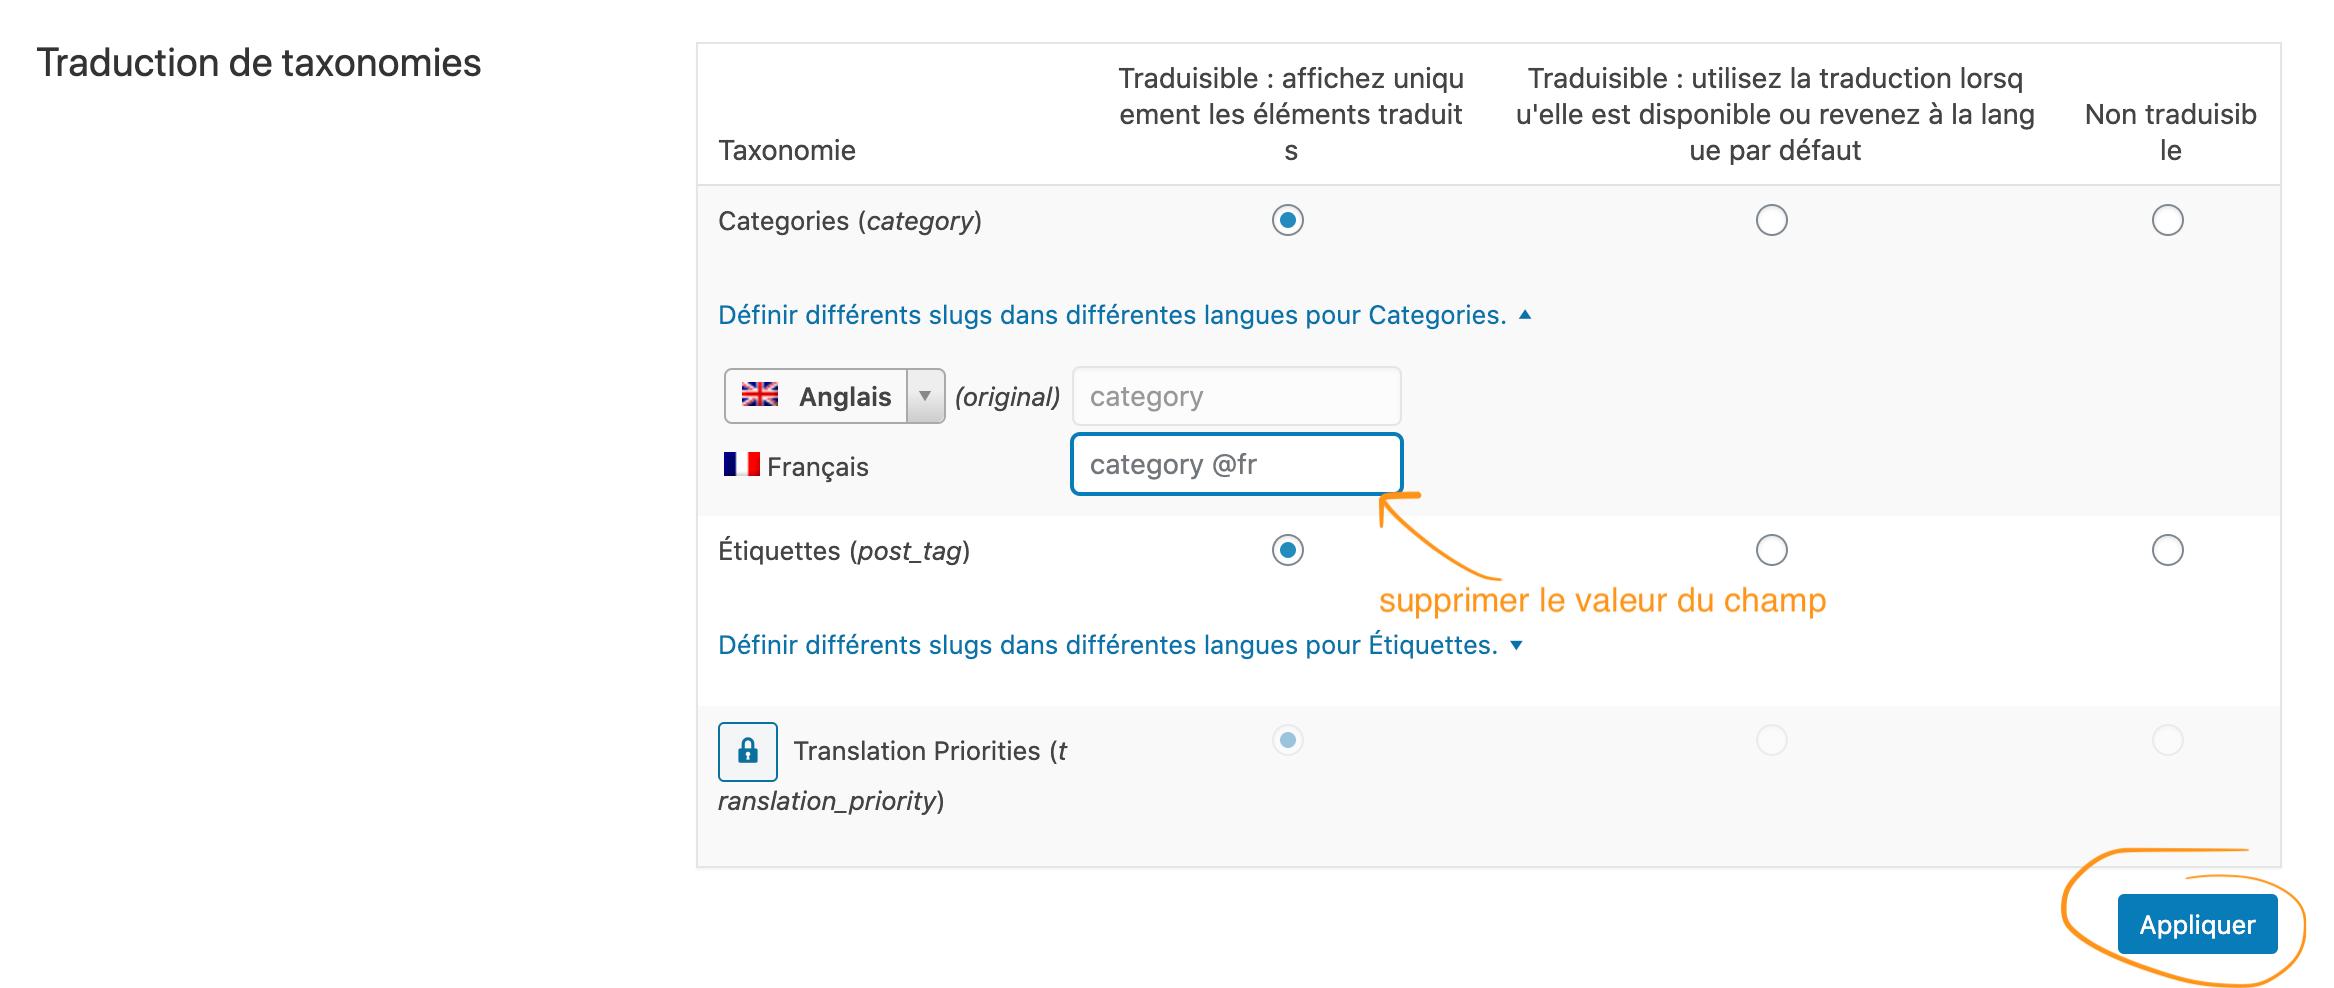 traduction-de-taxonomies.png